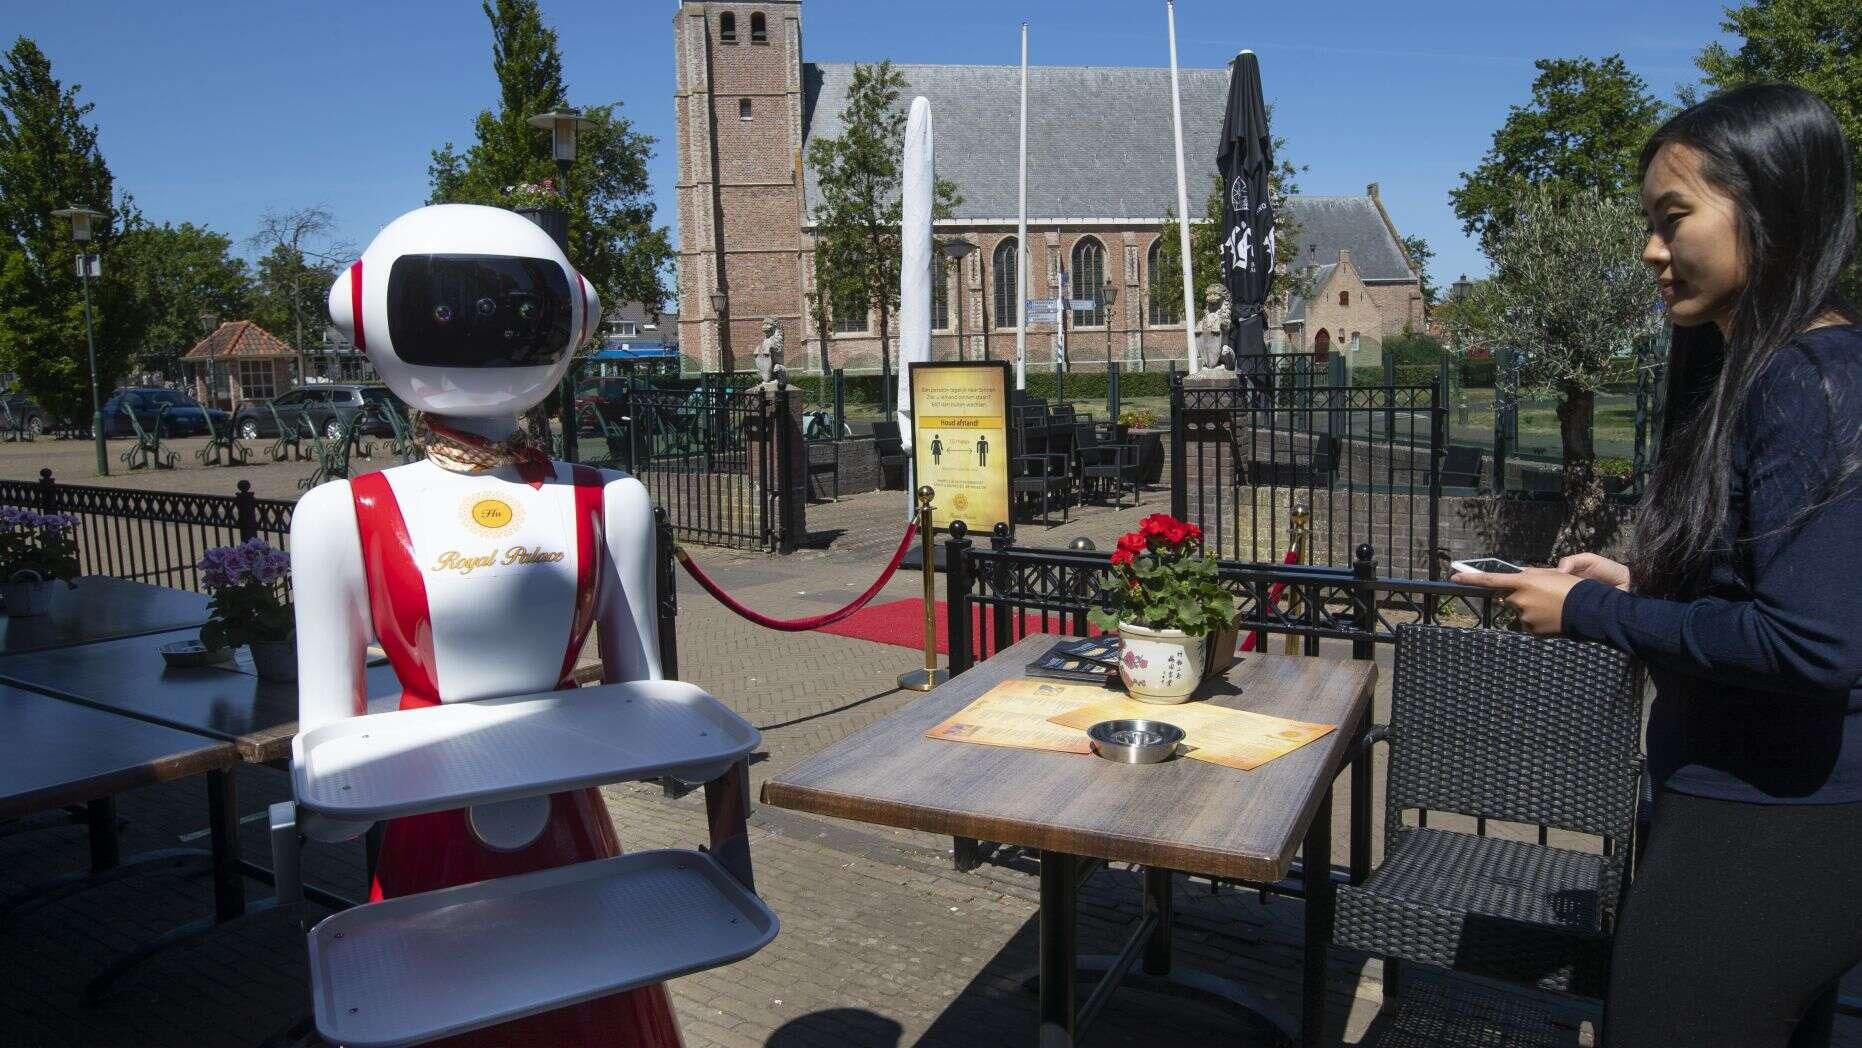 Robot phục vụ thực khách tại nhà hàng ở Hà Lan Ảnh 6